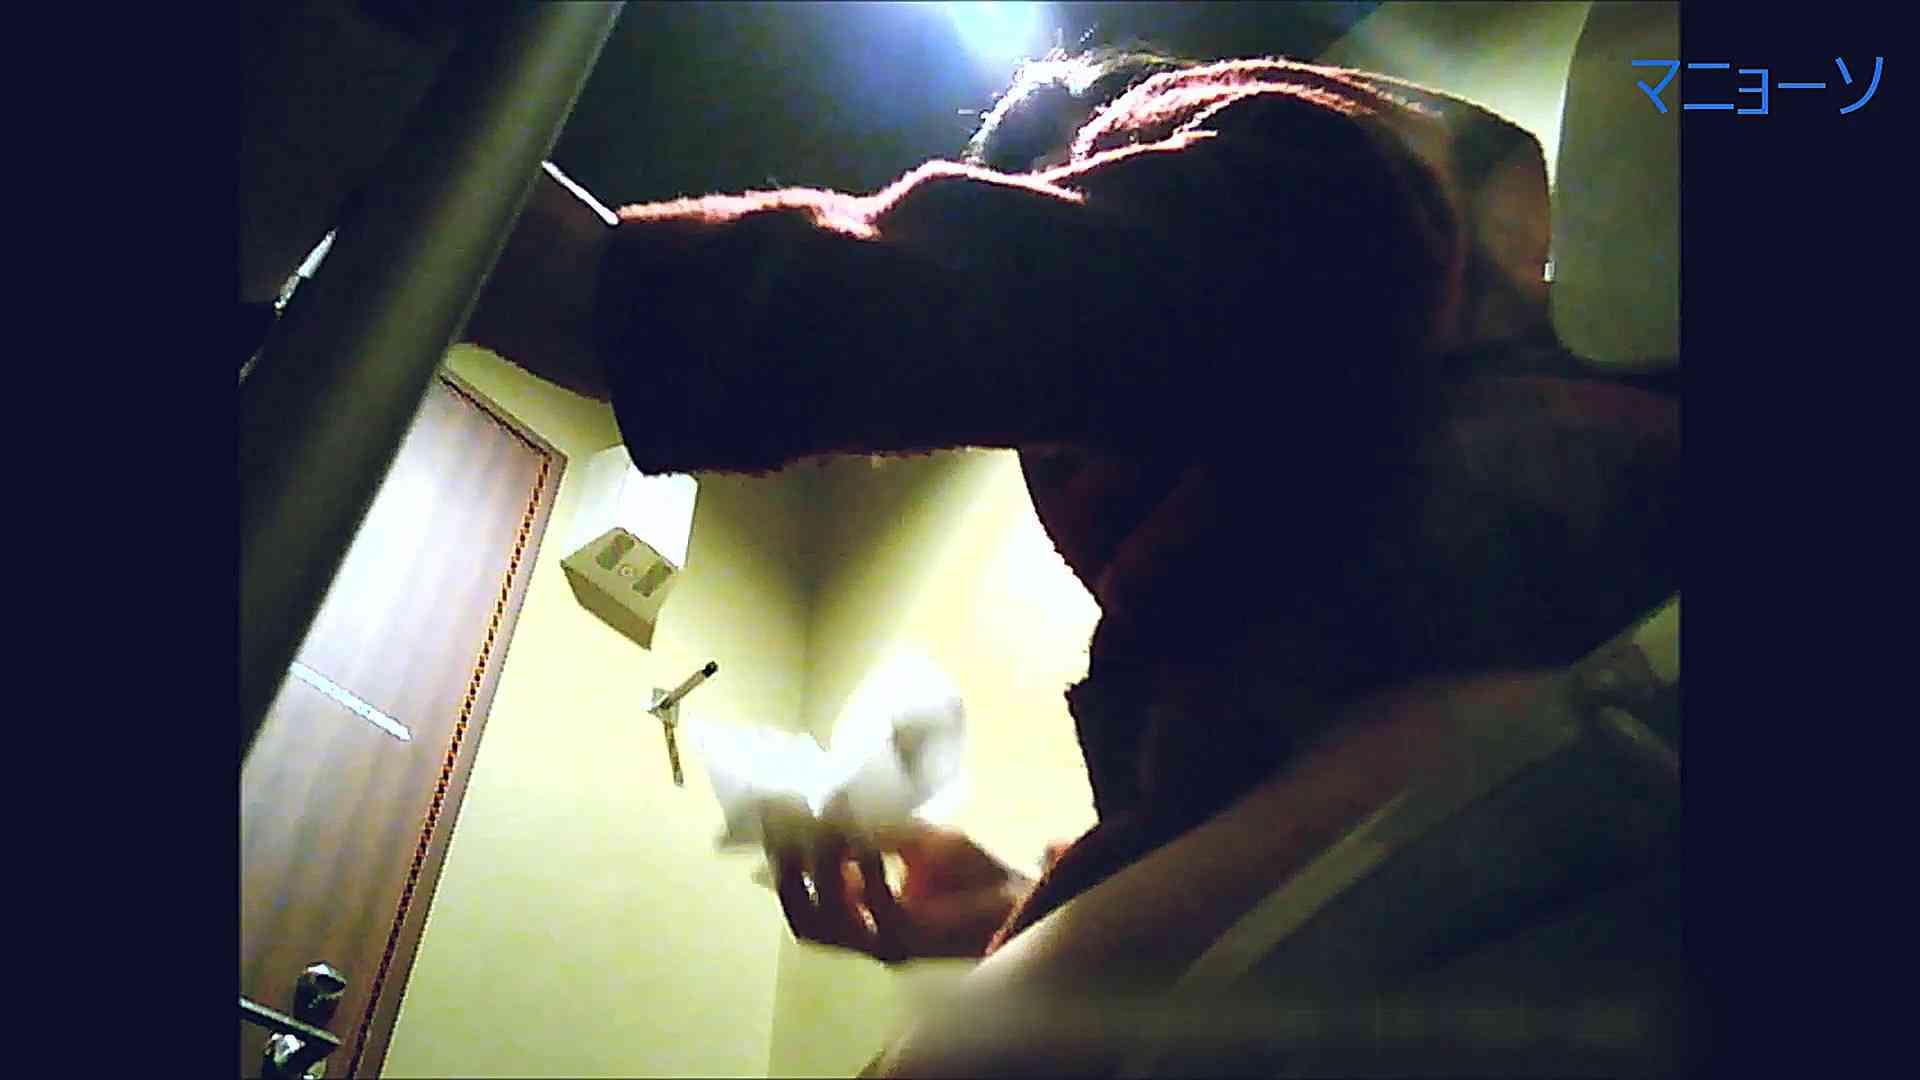 トイレでひと肌脱いでもらいました (JD編)Vol.07 OL  89pic 4